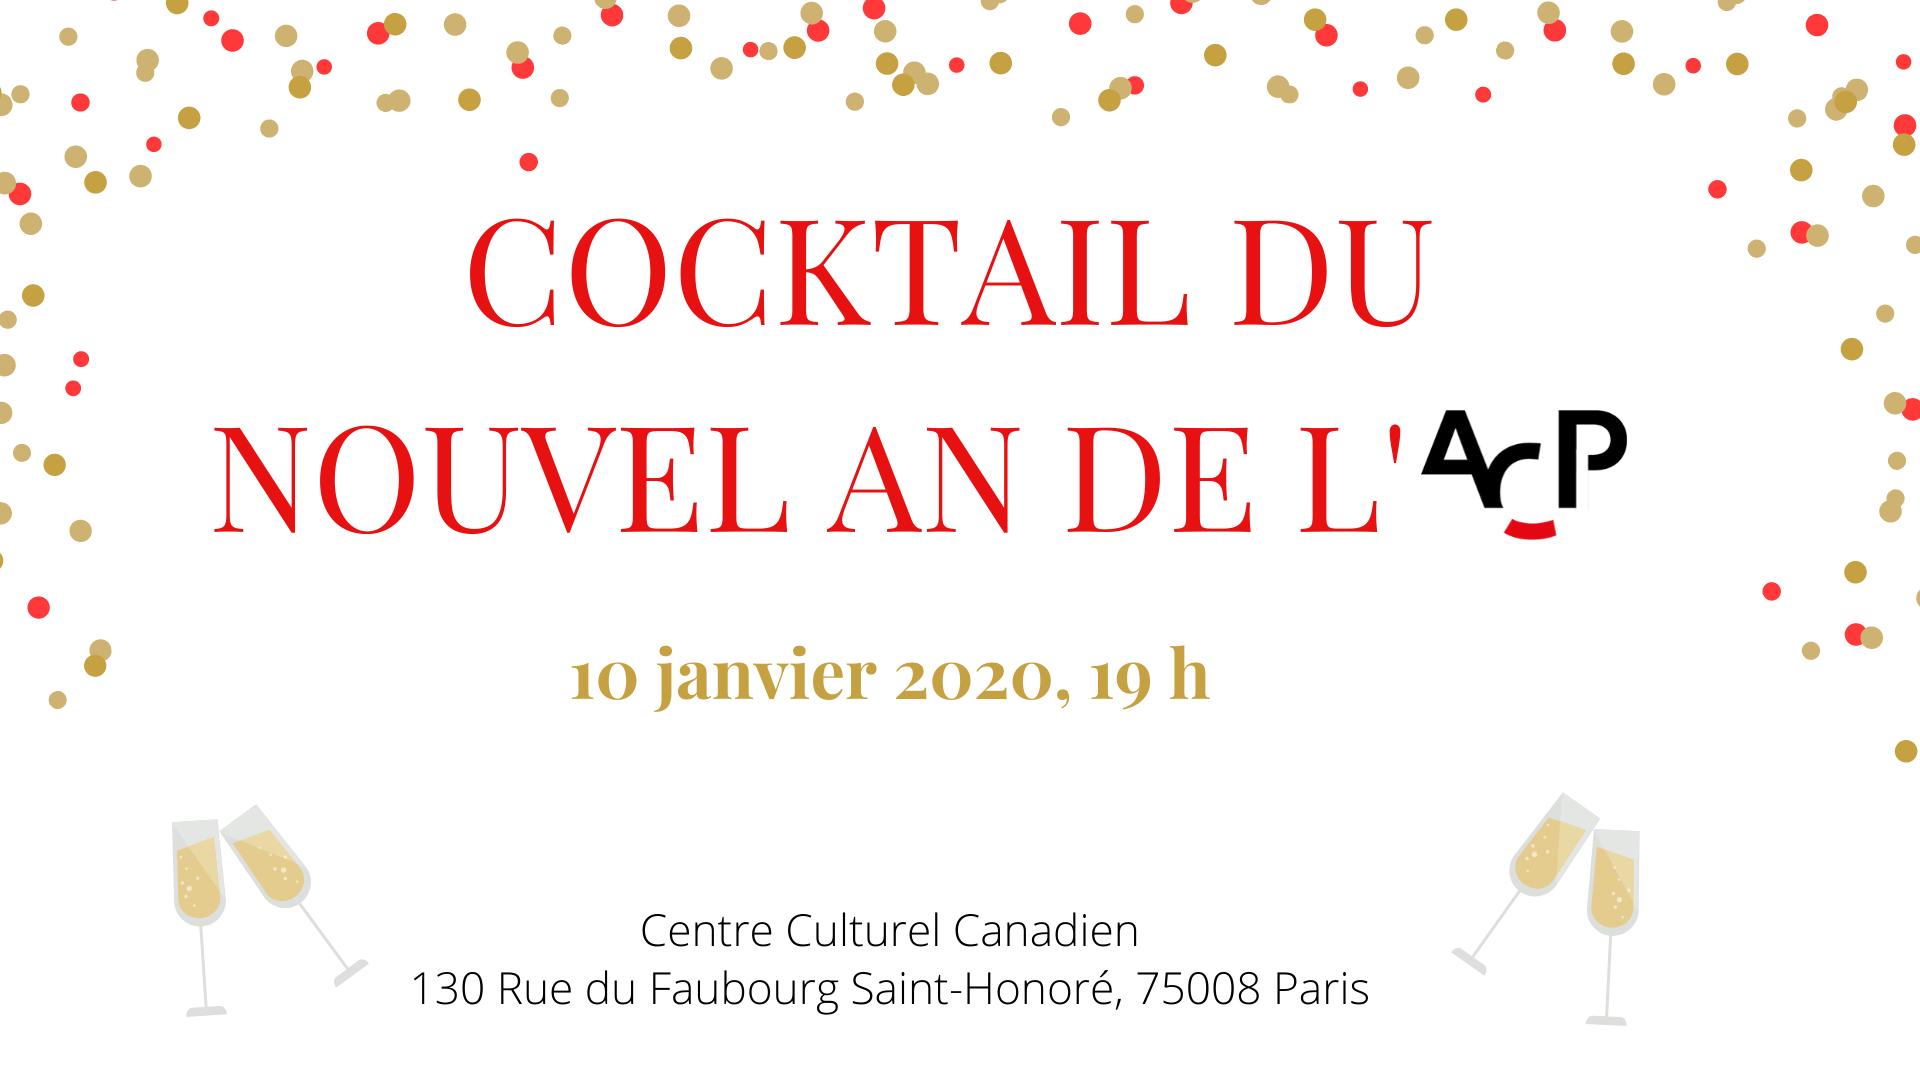 Cocktail du Nouvel An